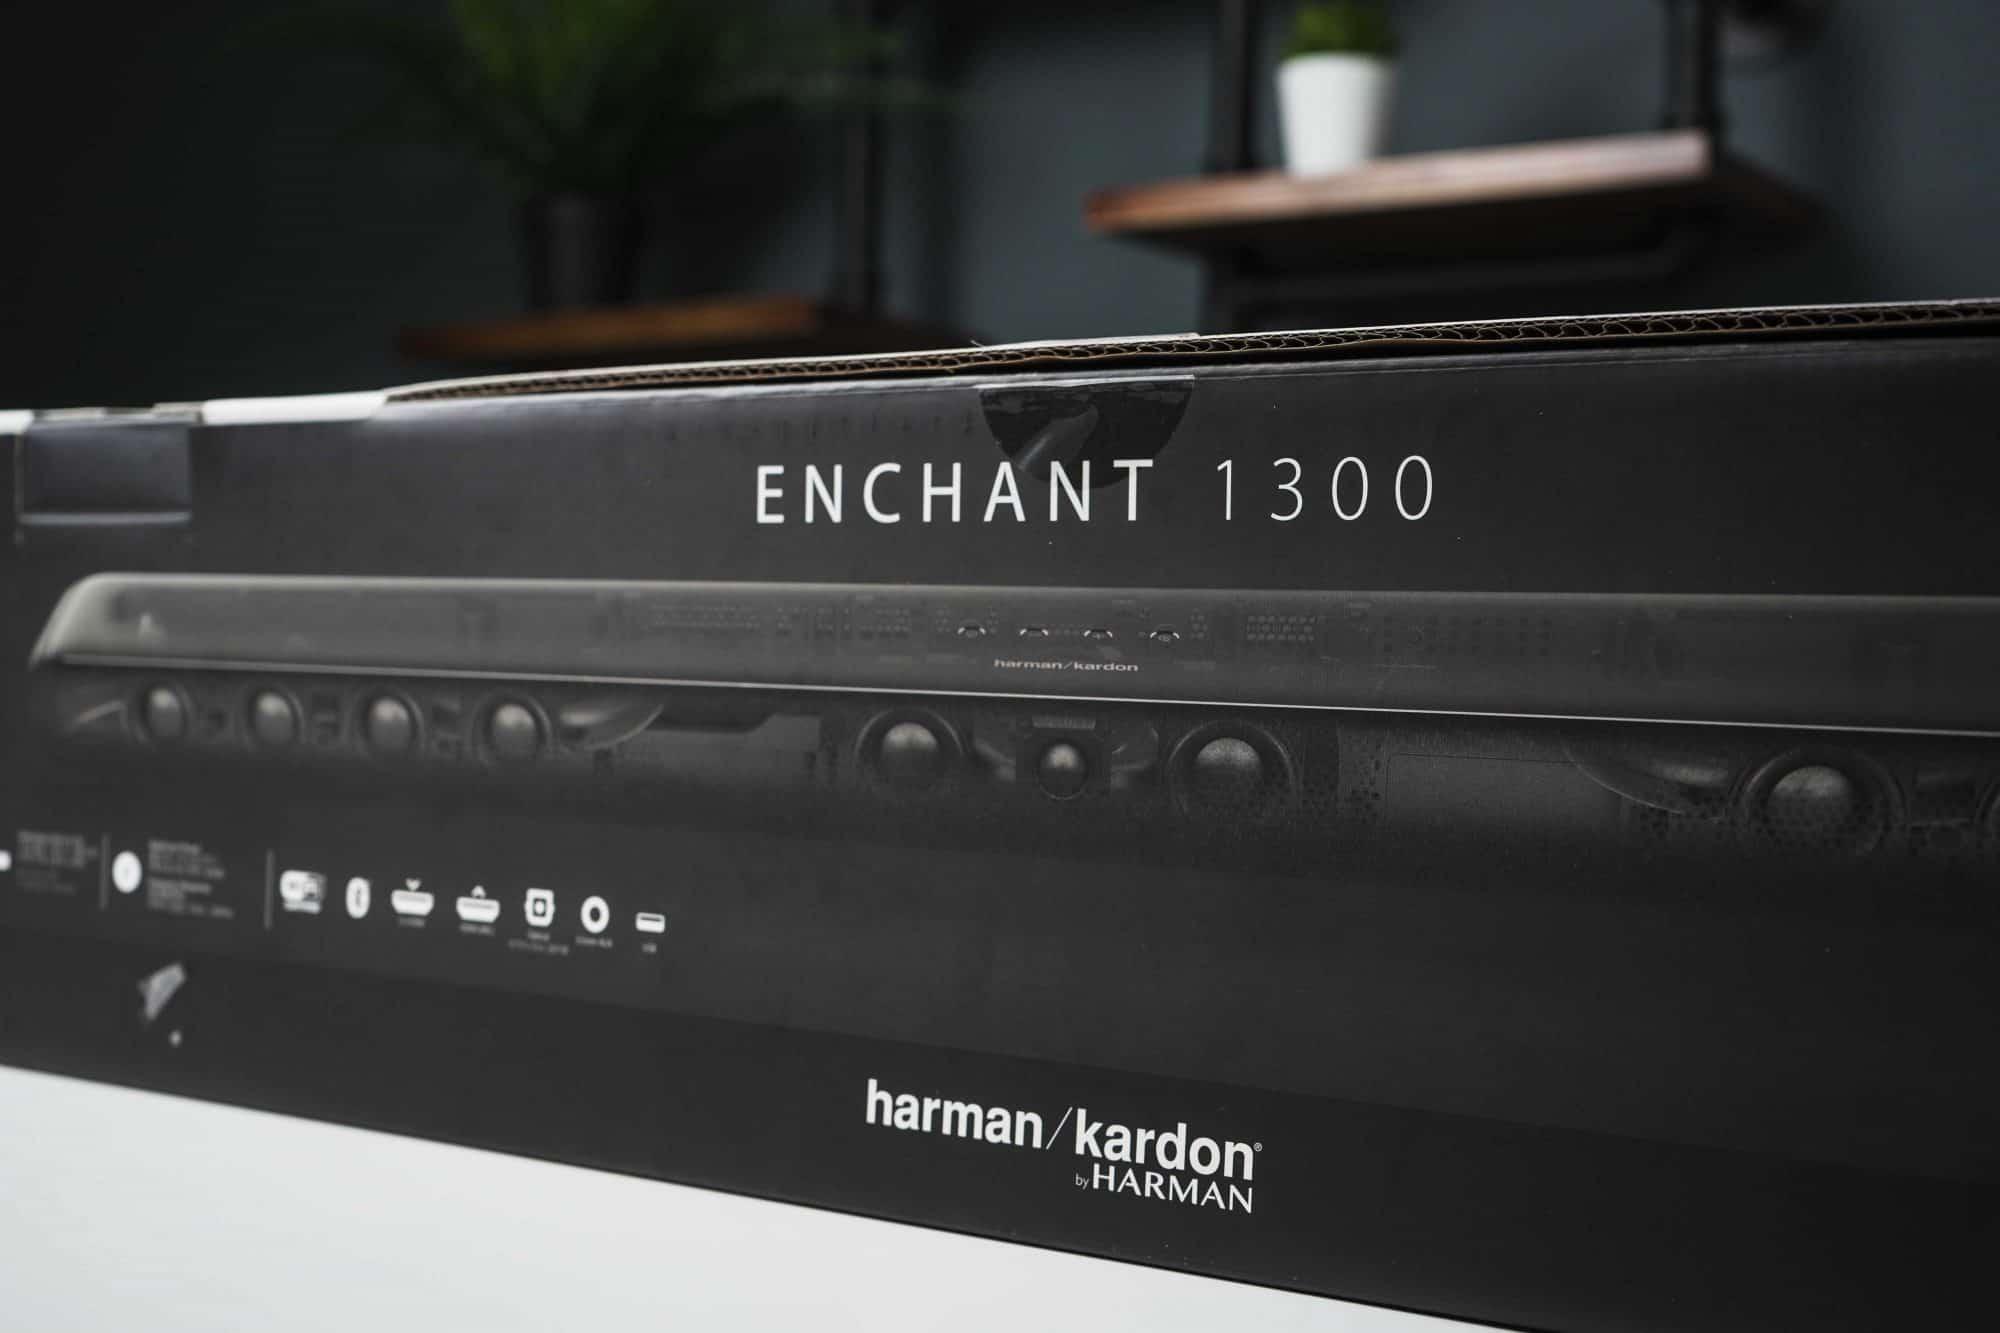 【Soundbar推薦】Harman Kardon ENCHANT 1300開箱!快速搭建你的家庭劇院-TechTeller (科技說)